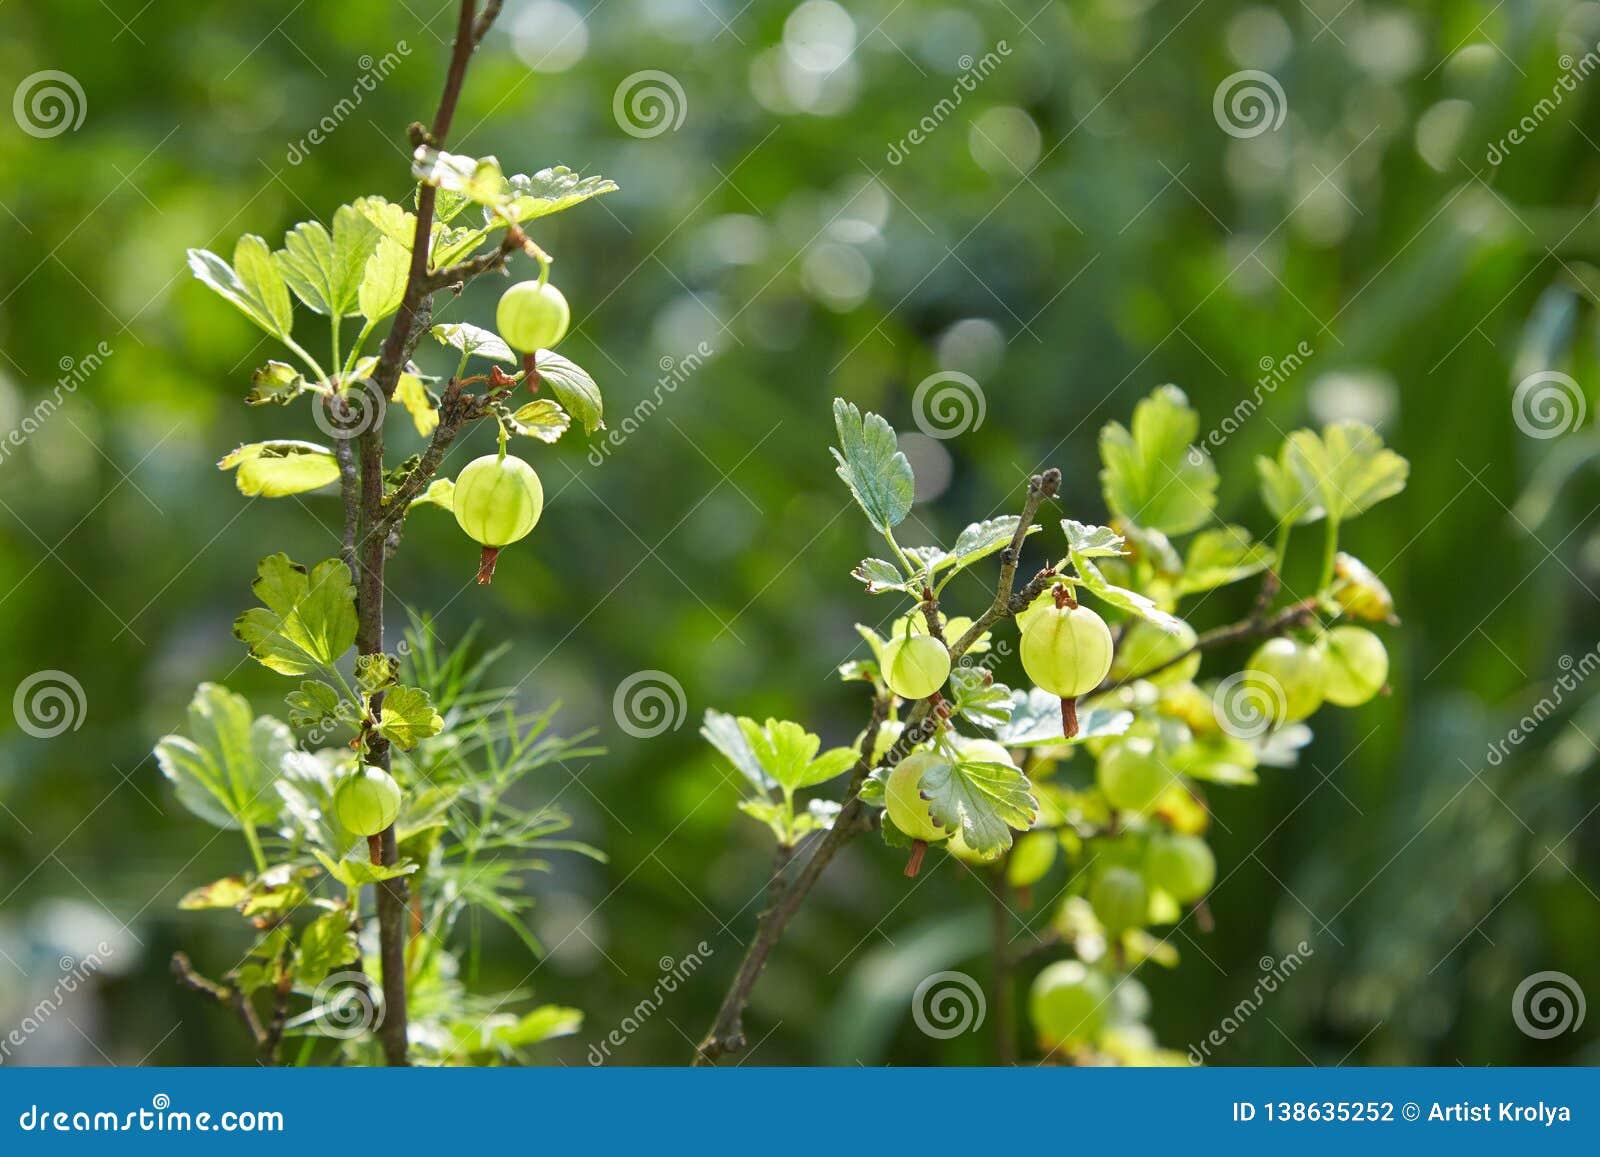 Groselhas verdes frescas em um ramo do arbusto de groselha com luz solar